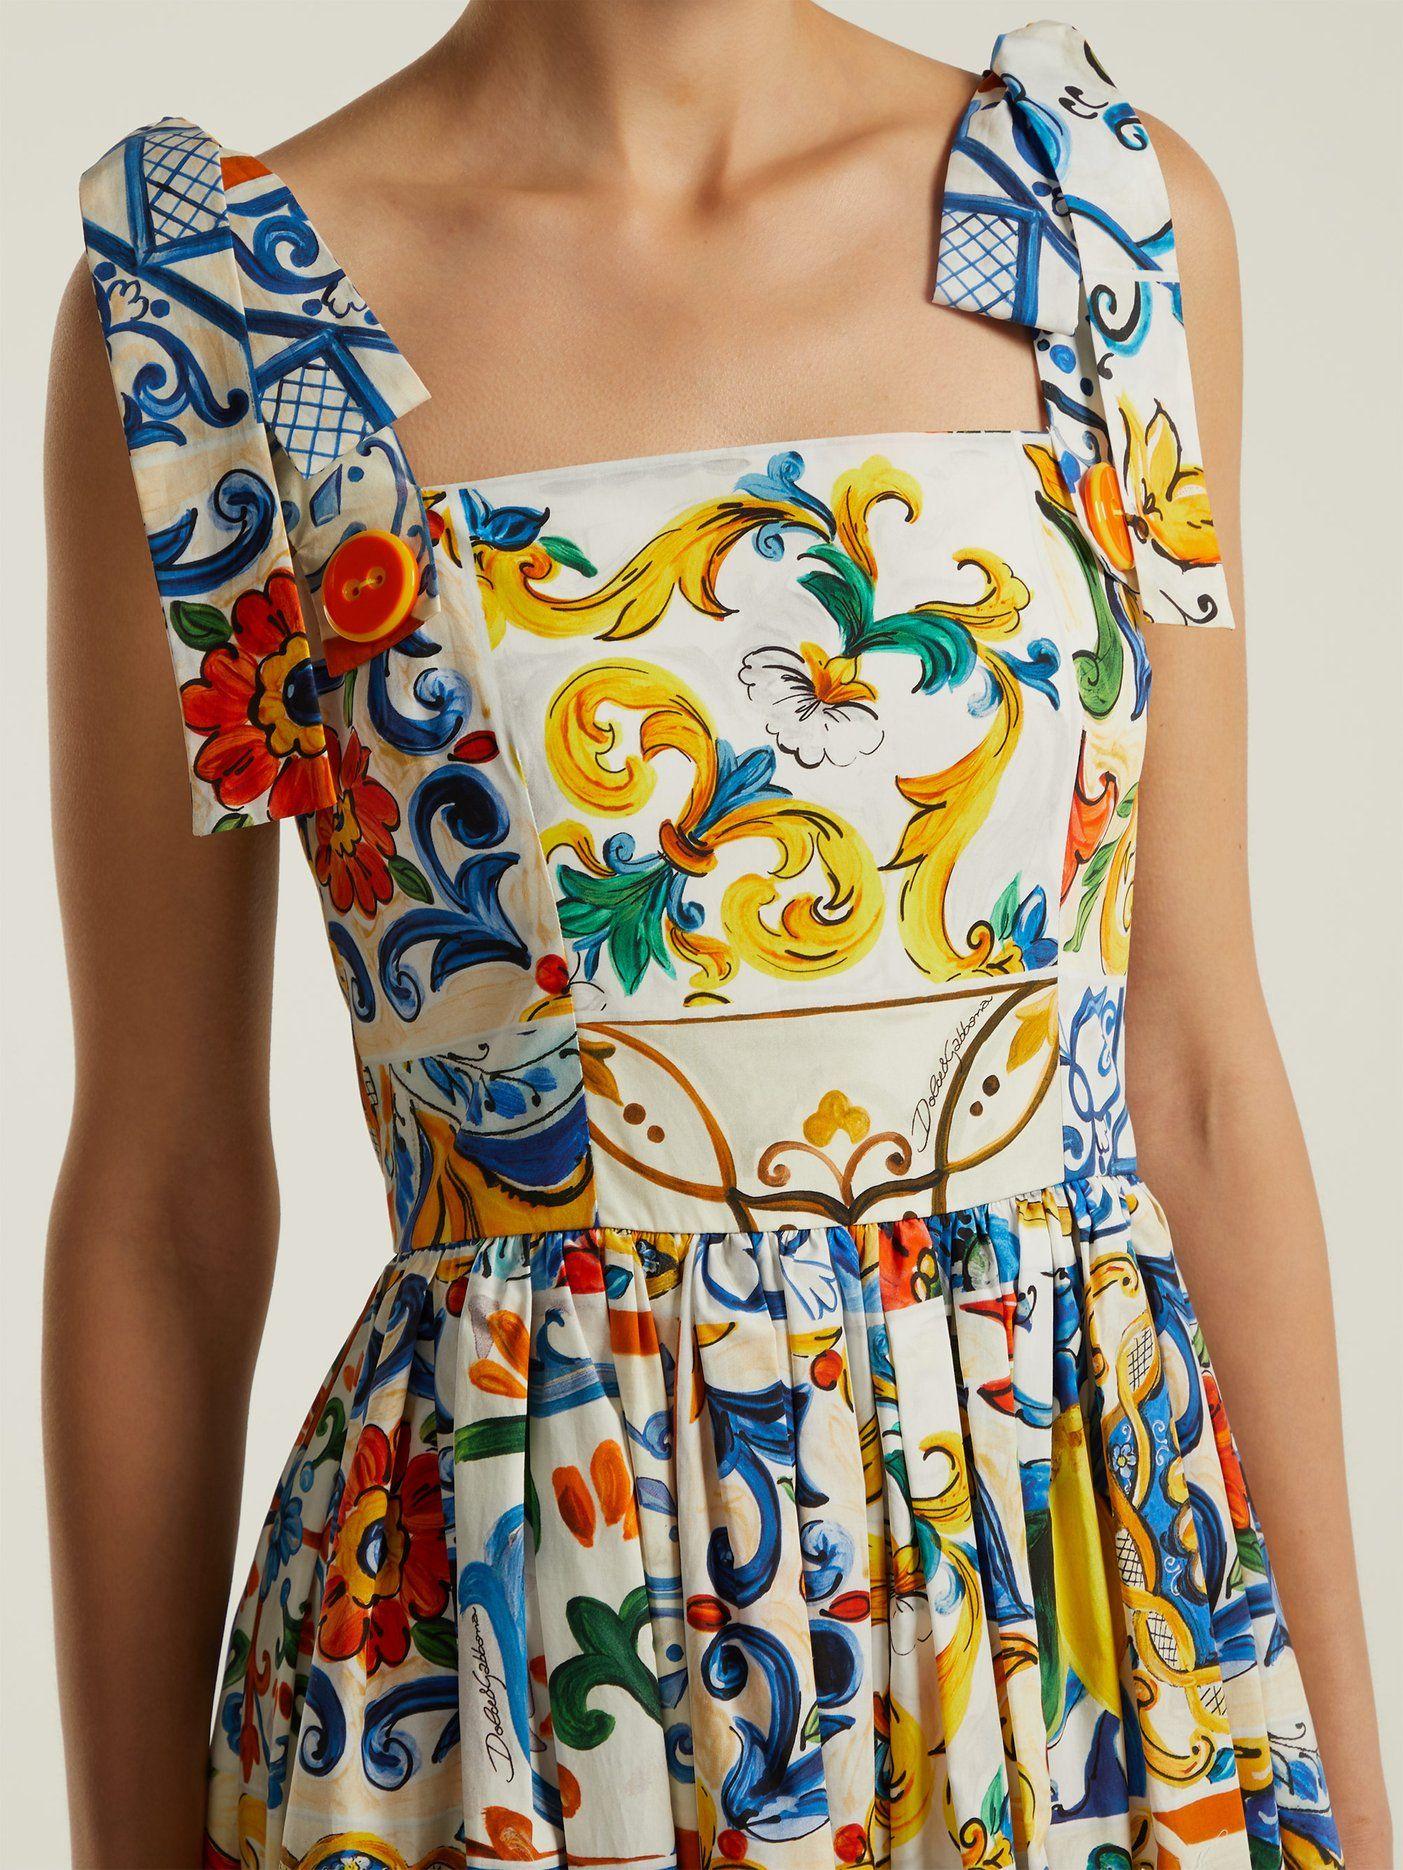 Dolce & Gabbana | Womenswear | Shop Online at MATCHESFASHION US